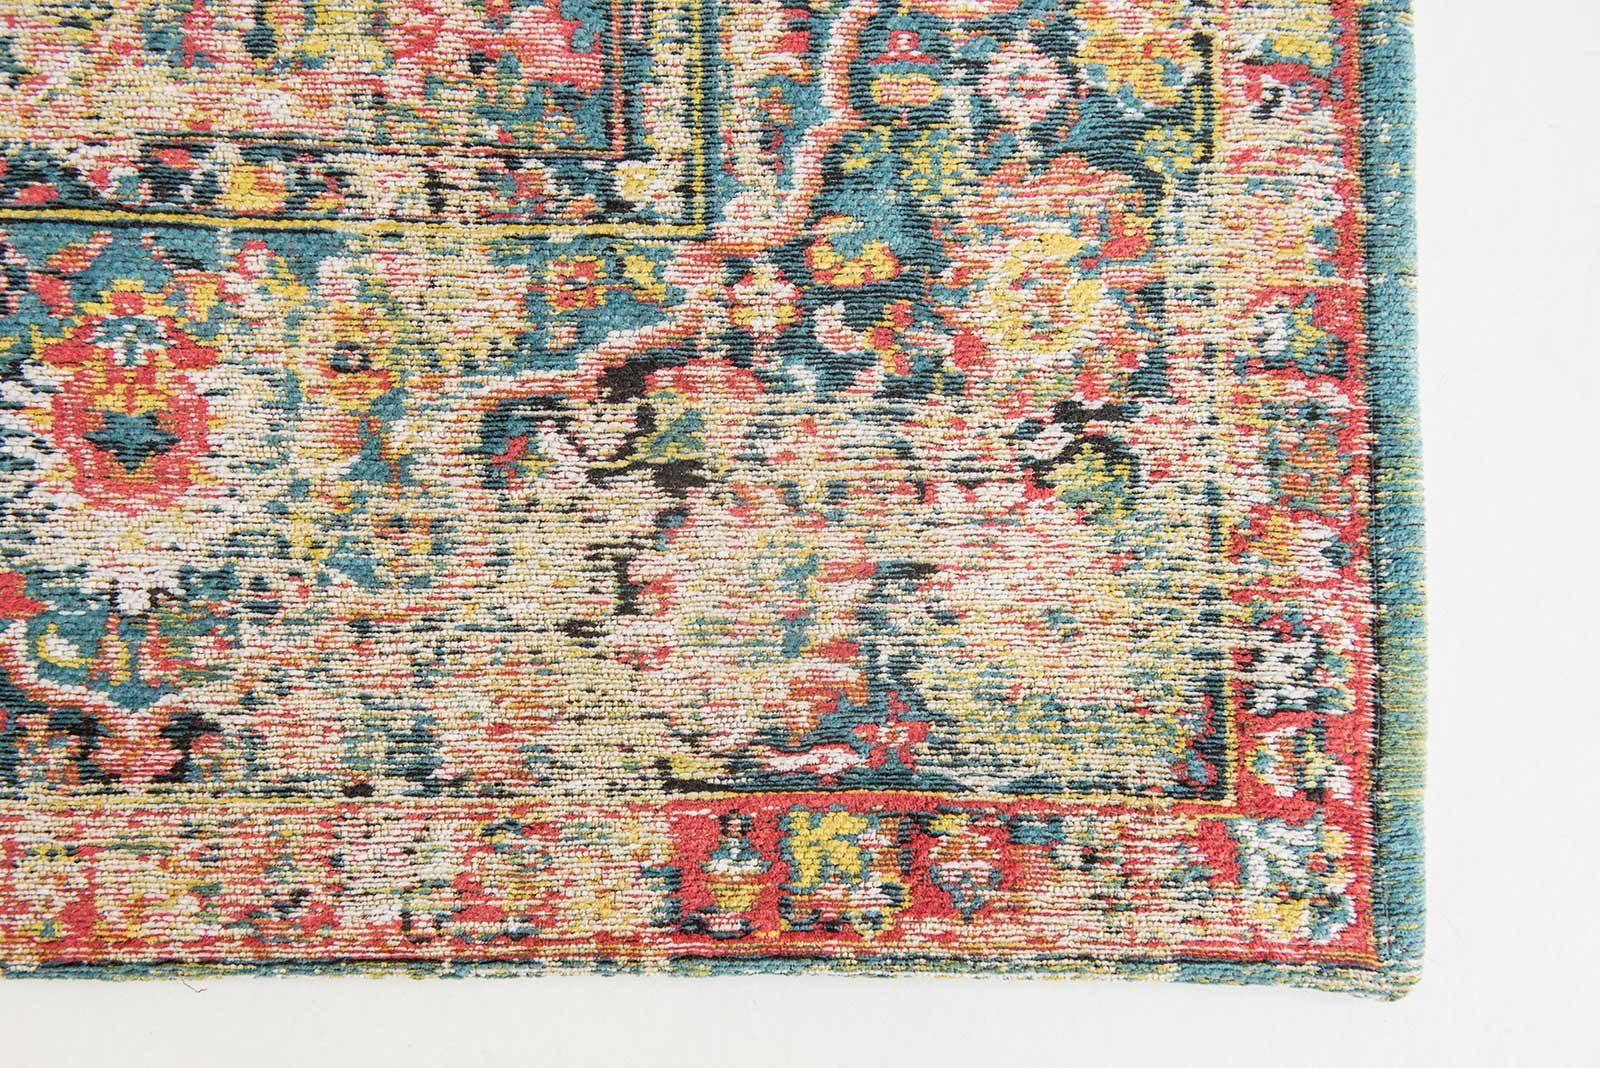 rugs Louis De Poortere LX8712 Antiquarian Antique Bakthiari Janissary Multi corner